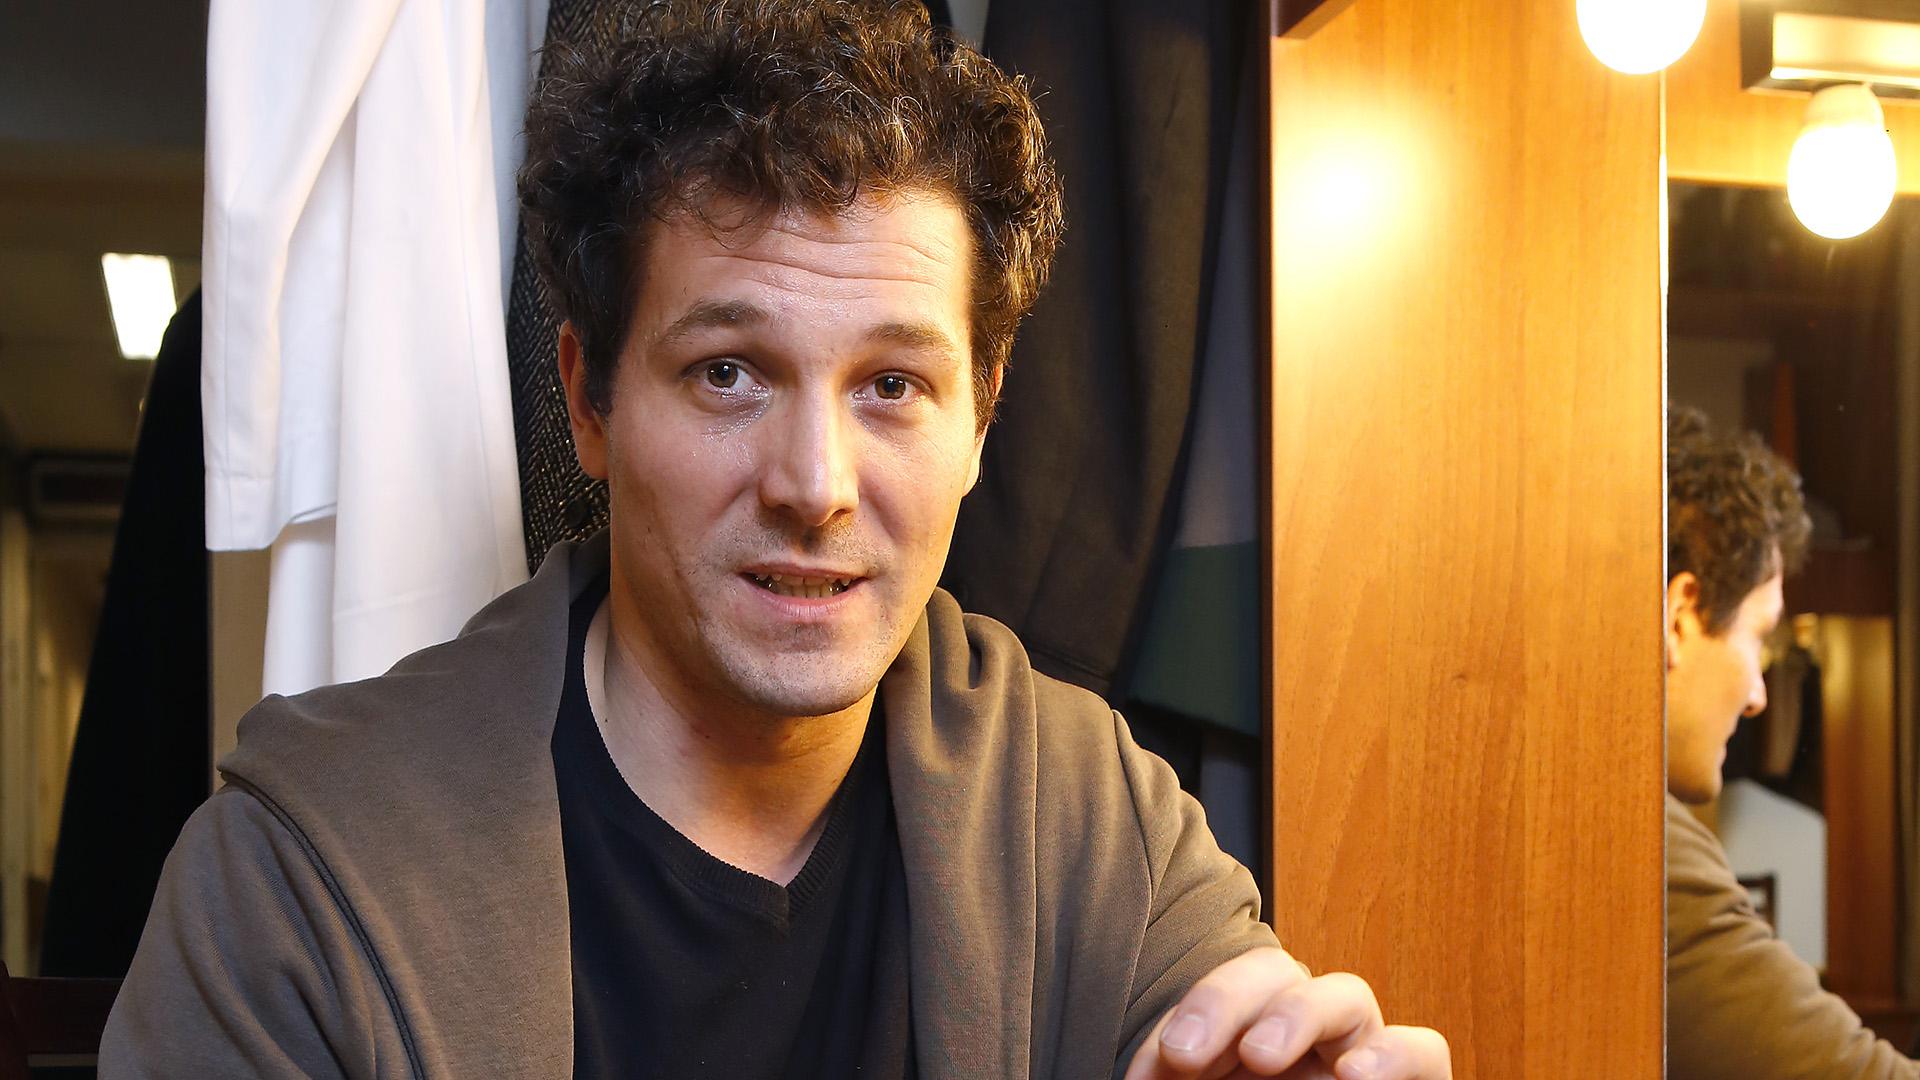 centrál színház főszereplő holczhaffer csaba kojot kostyál márk rendező mészáros andrás